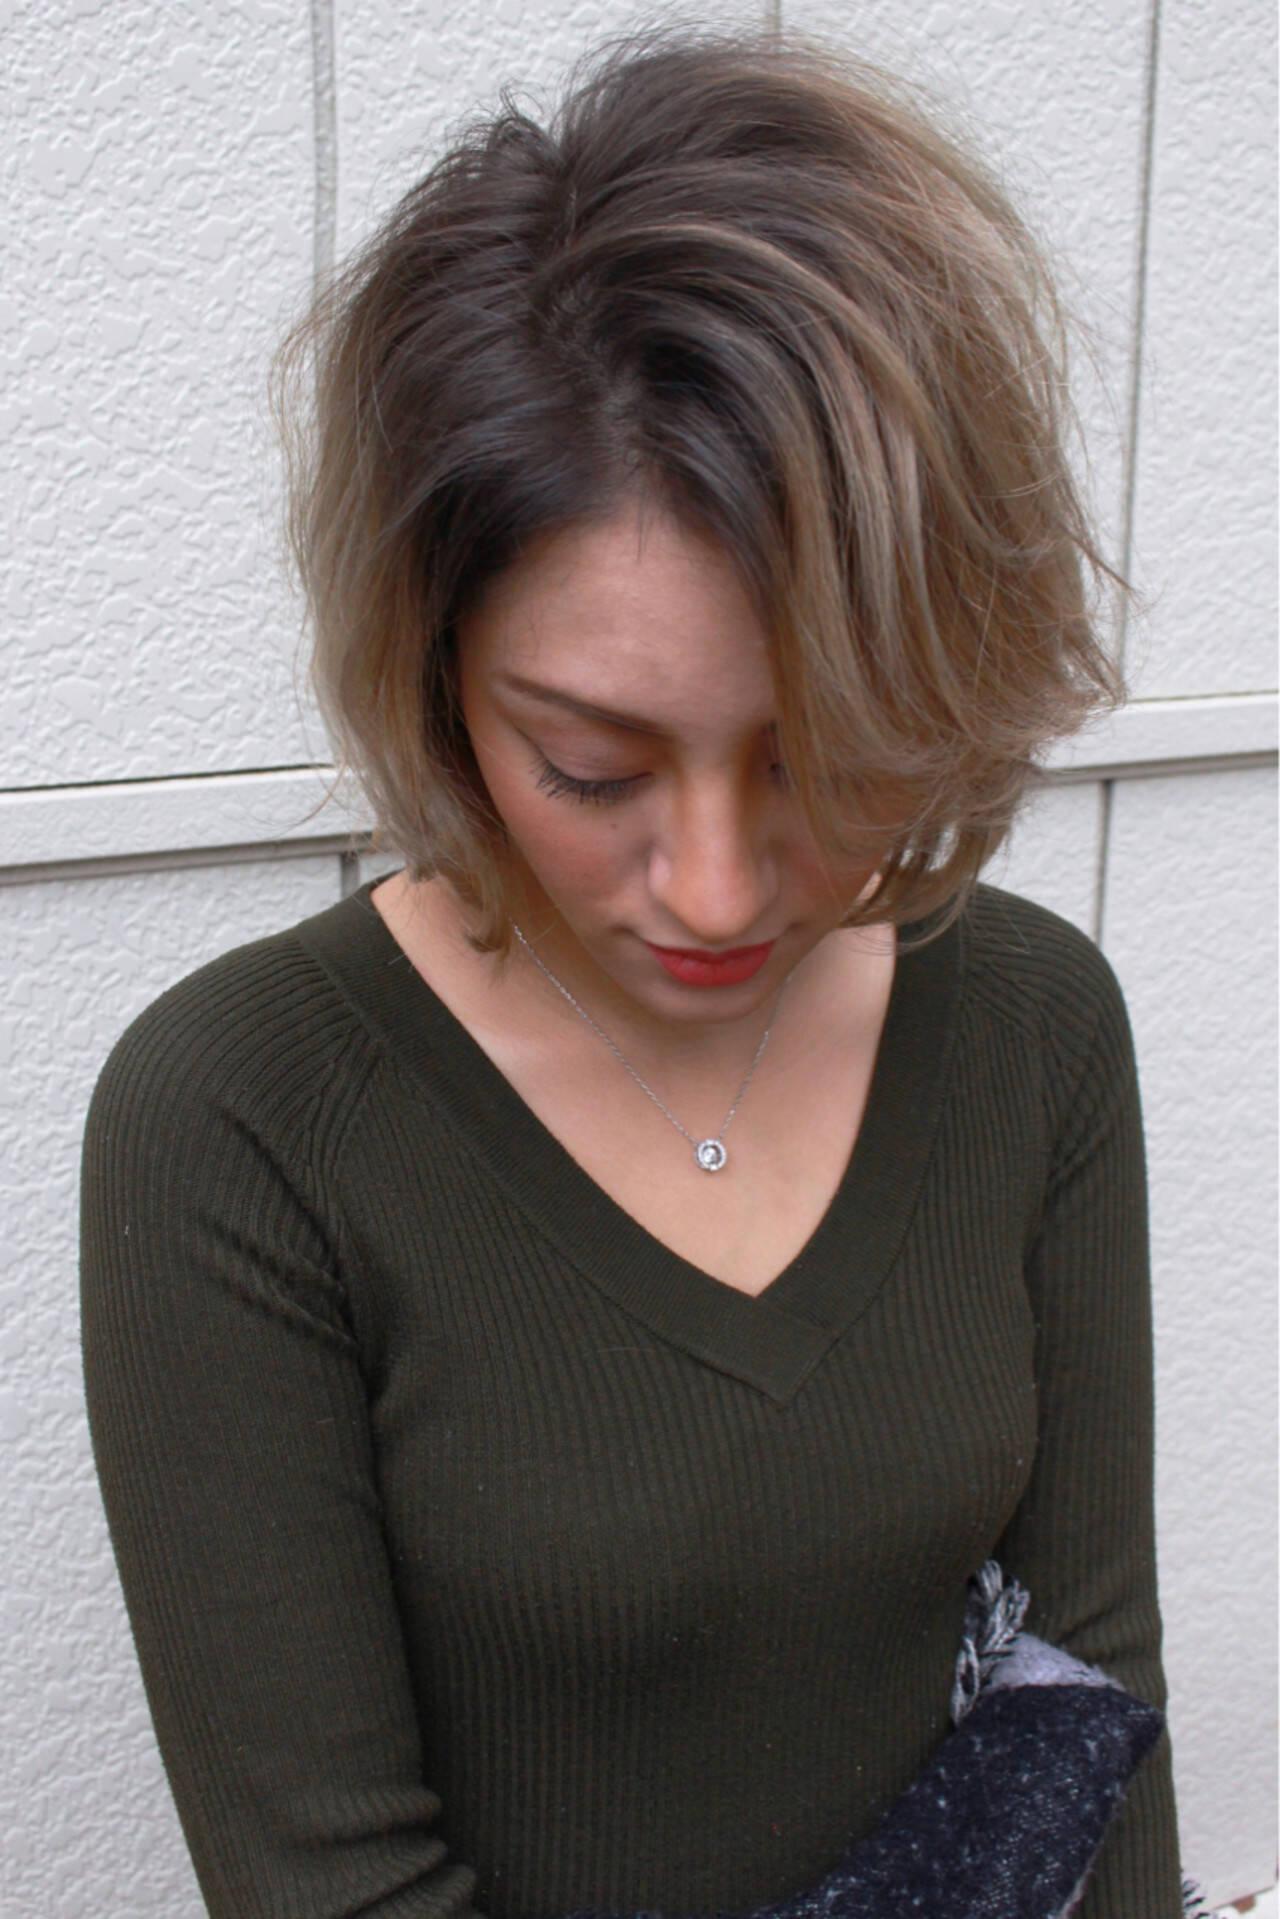 ウェーブ 大人女子 大人かわいい ゆるふわヘアスタイルや髪型の写真・画像